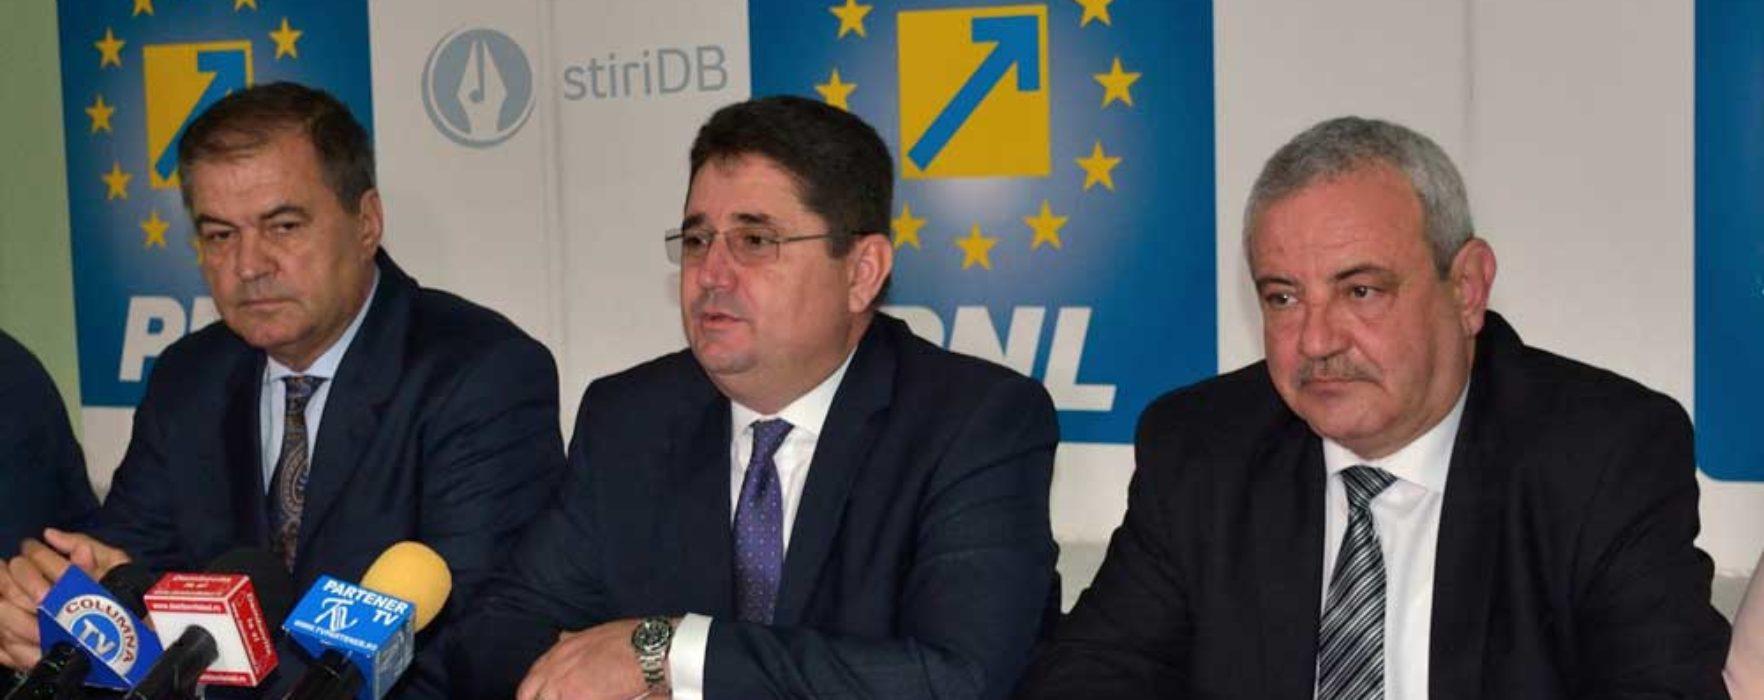 Preşedintele PNL Dâmboviţa a anunţat că îl susţine pe Orban, dar decizia organizaţiei va fi luată în Comitetul Director